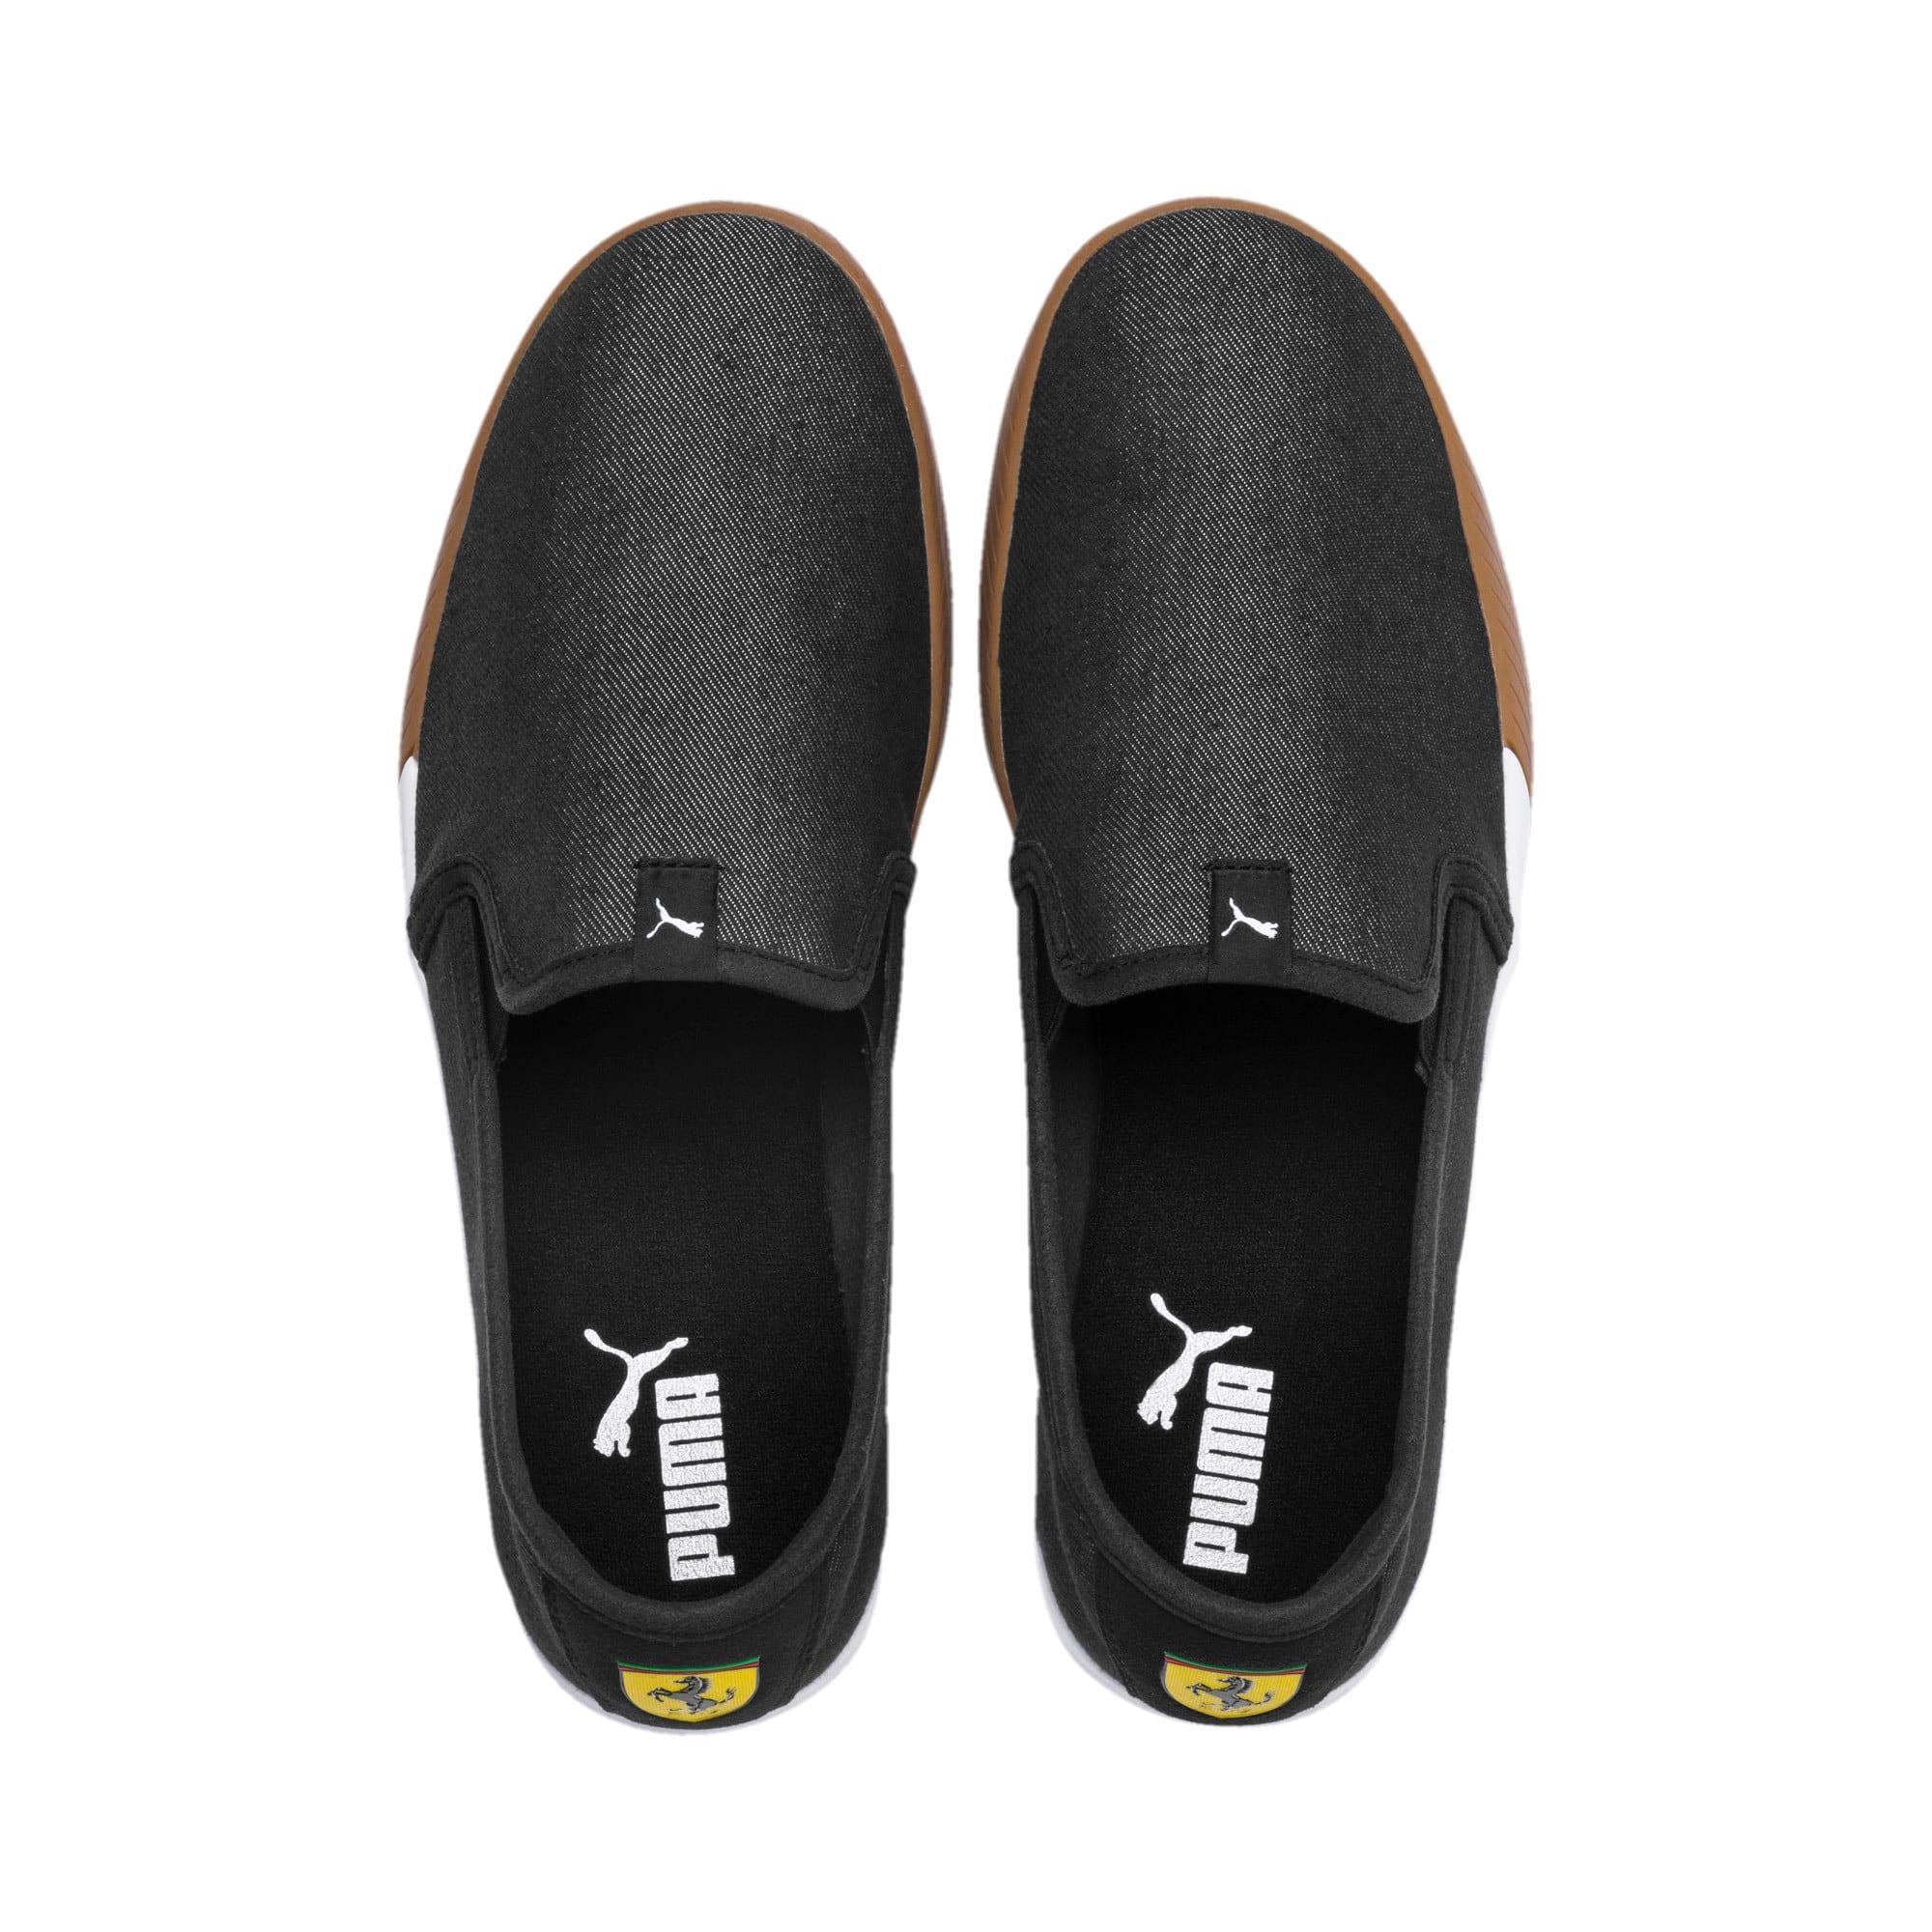 Thumbnail 6 of SF Slip On Track, Puma Black-Puma Black, medium-IND